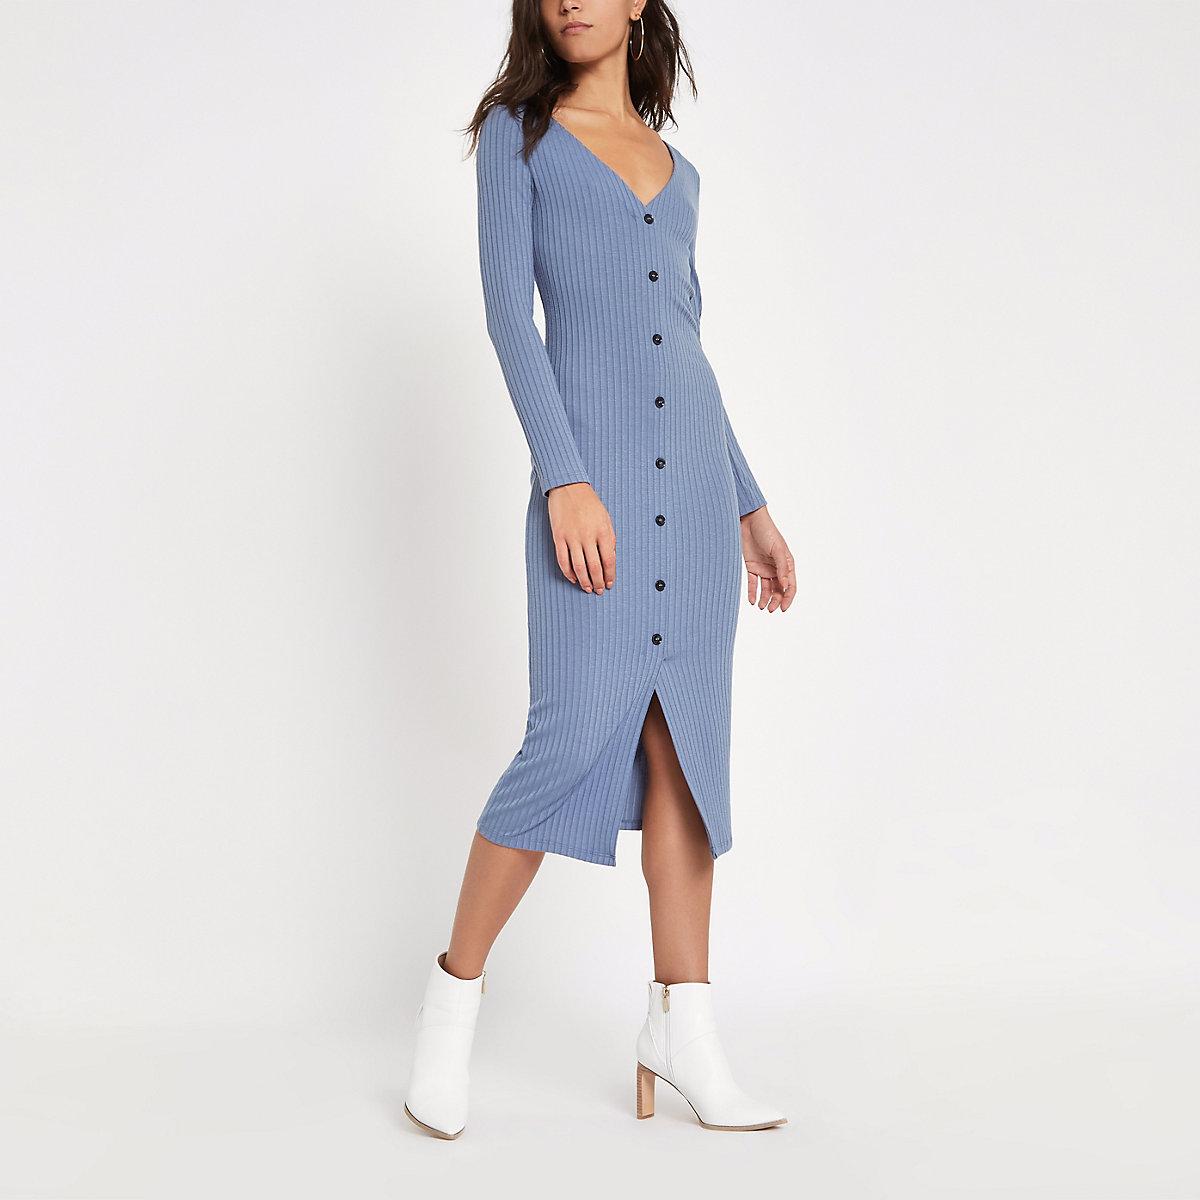 Robe moulante côtelée bleu clair boutonnée sur le devant